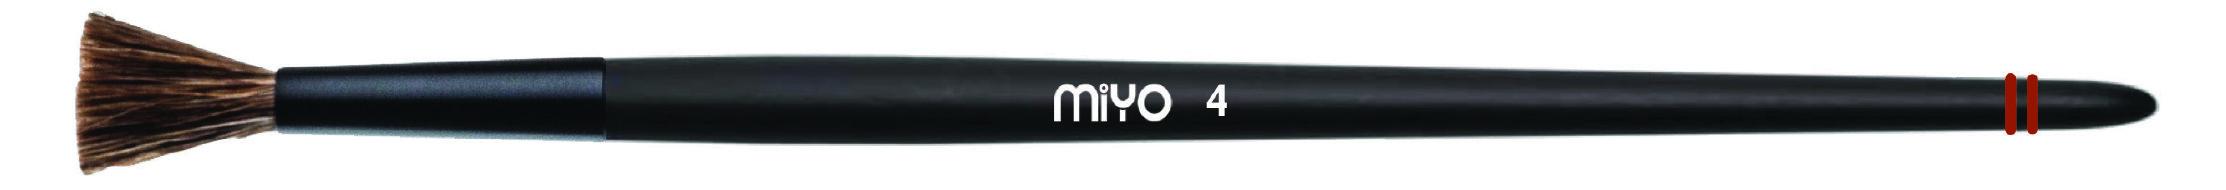 MiYO Brush 4